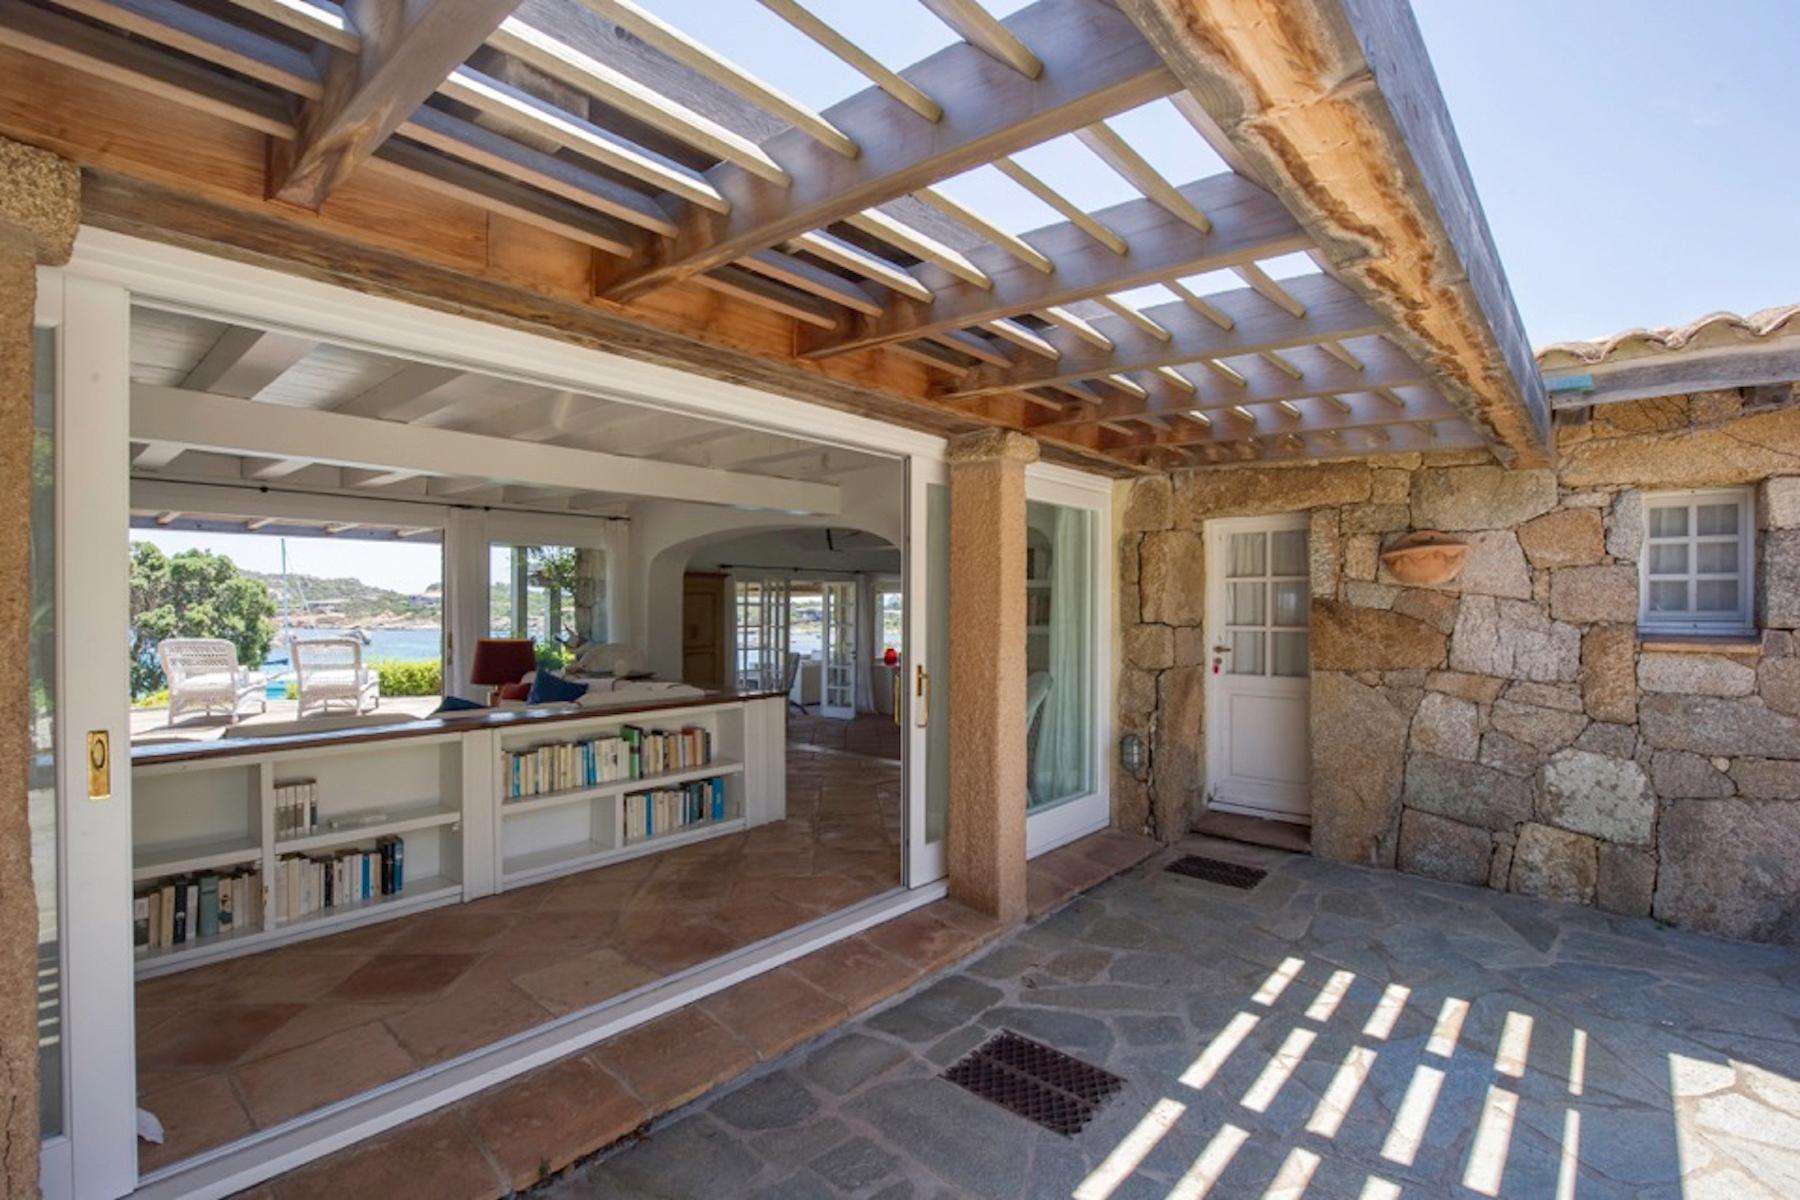 Cavallo Island, Corsica - Secluded villa with breathtaking seaview - 12